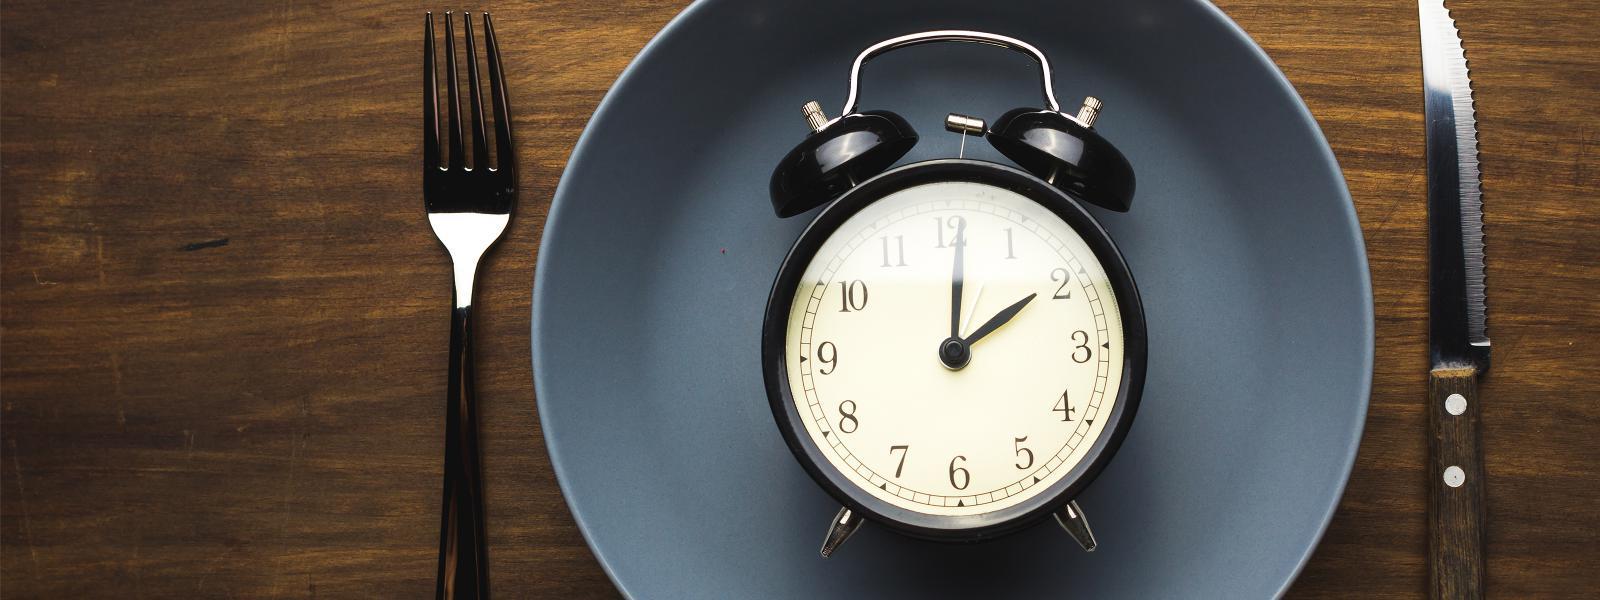 Clock representing fasting